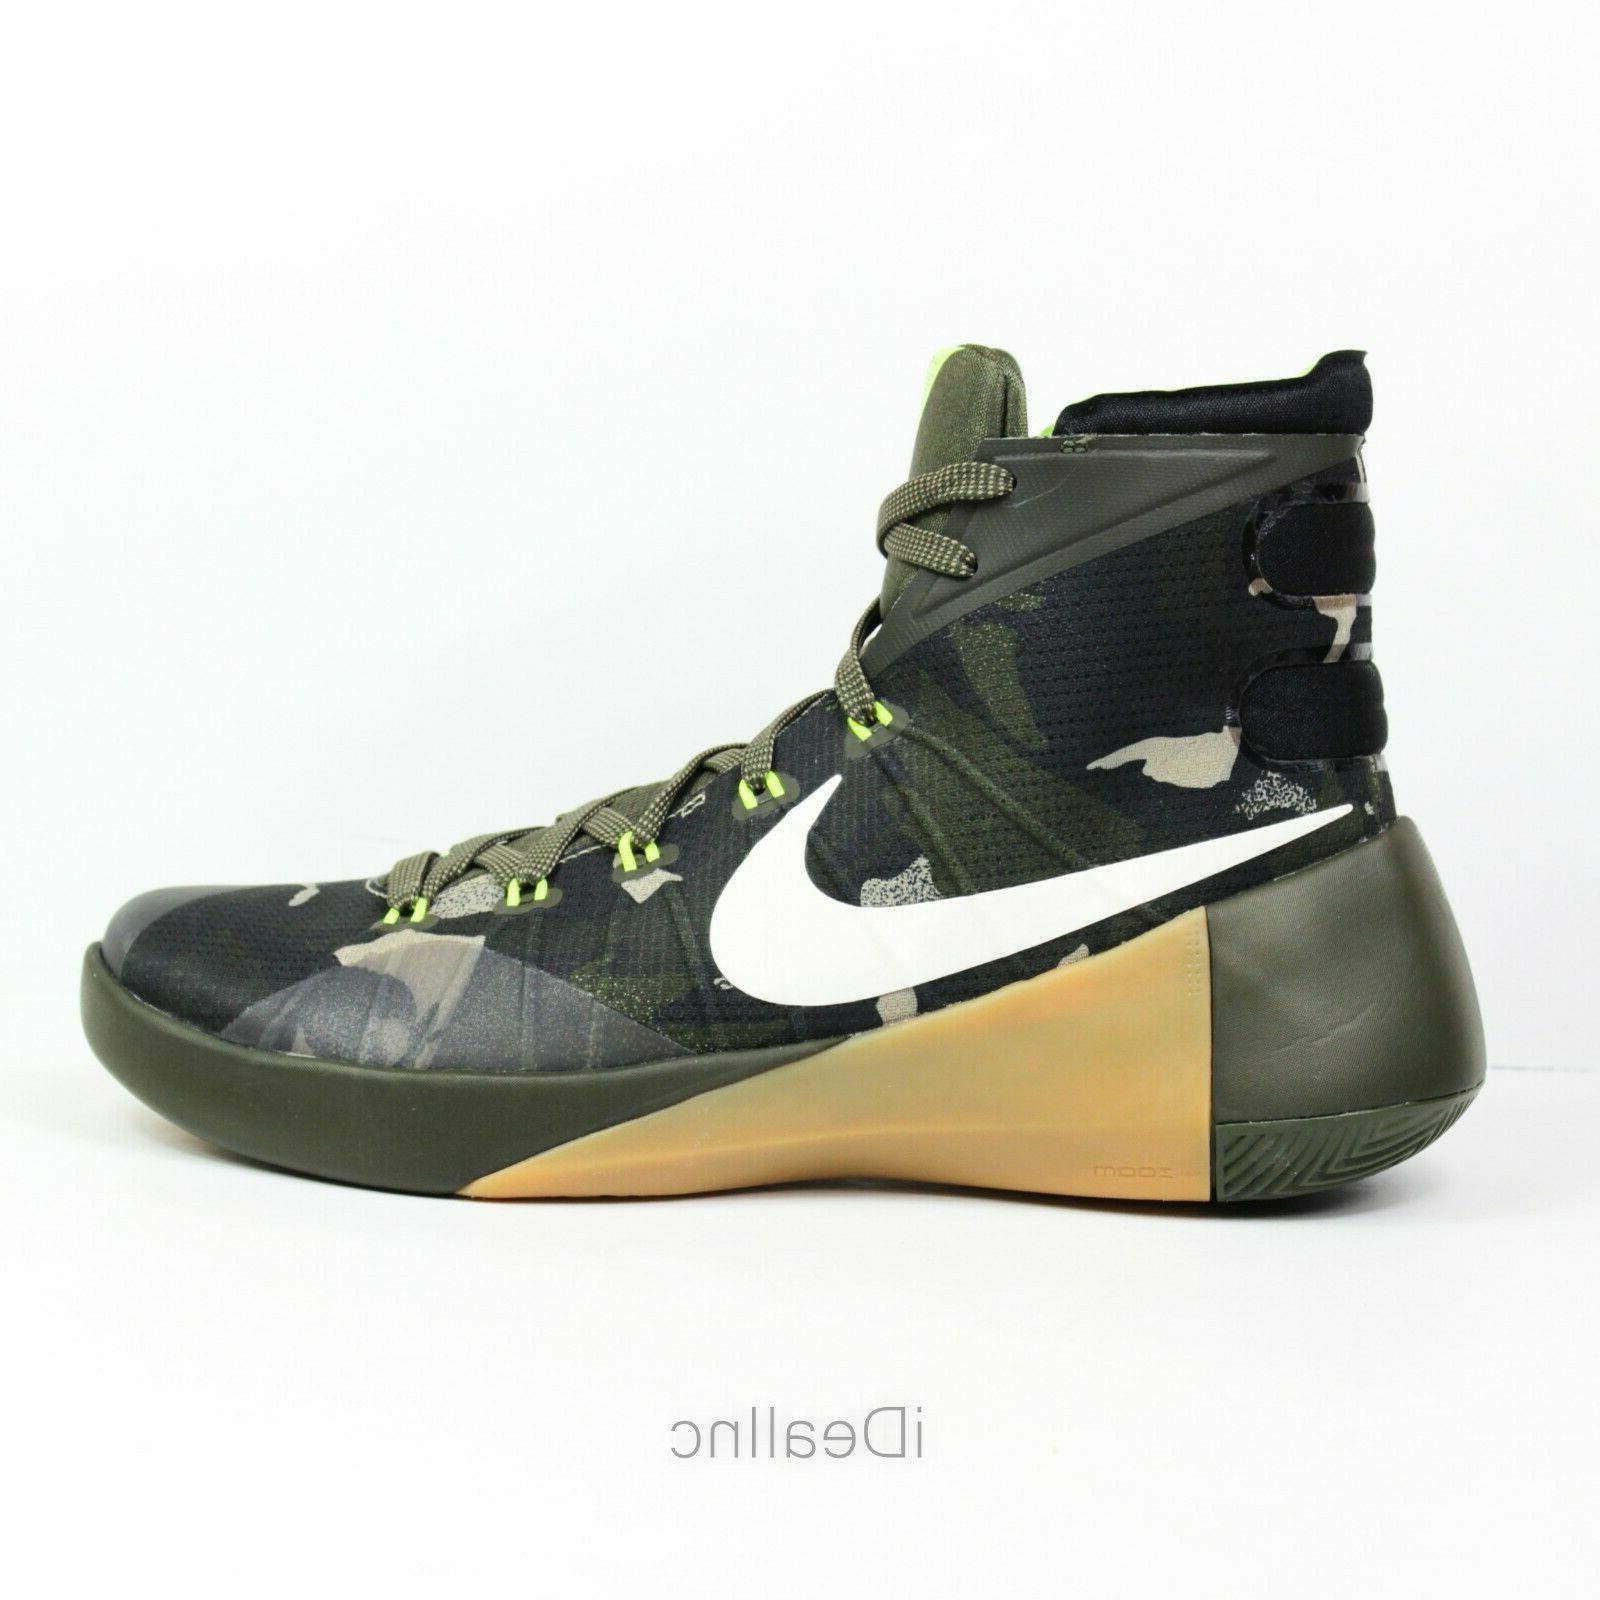 Nike Hyperdunk 2015 Basketball Shoes 749567-313